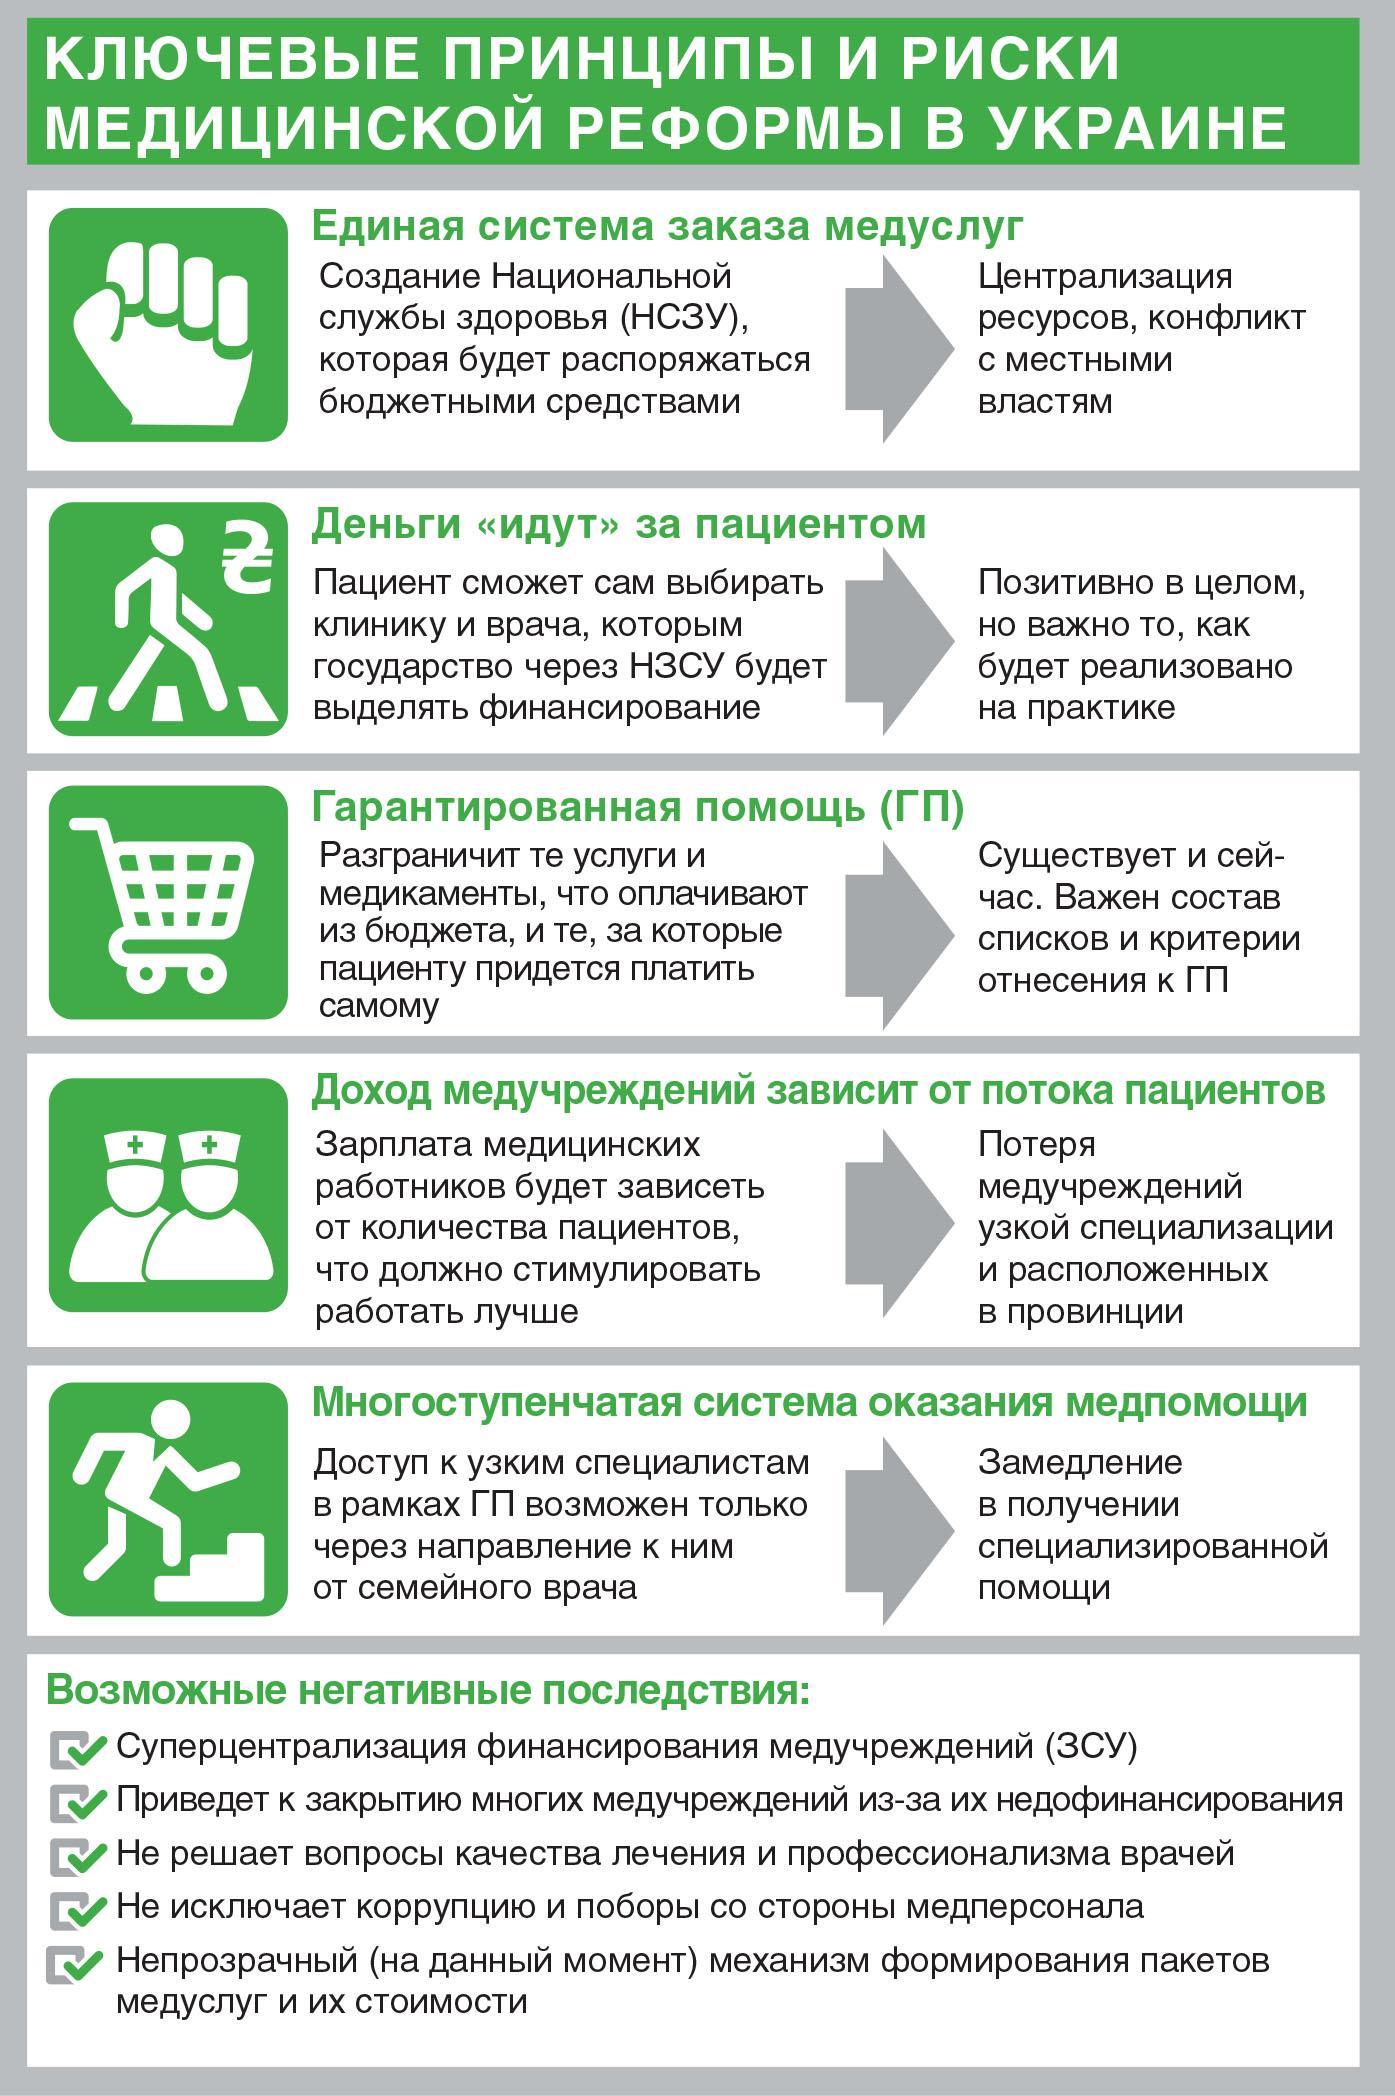 Ключевые принципы и риски медицинской реформы в Украине